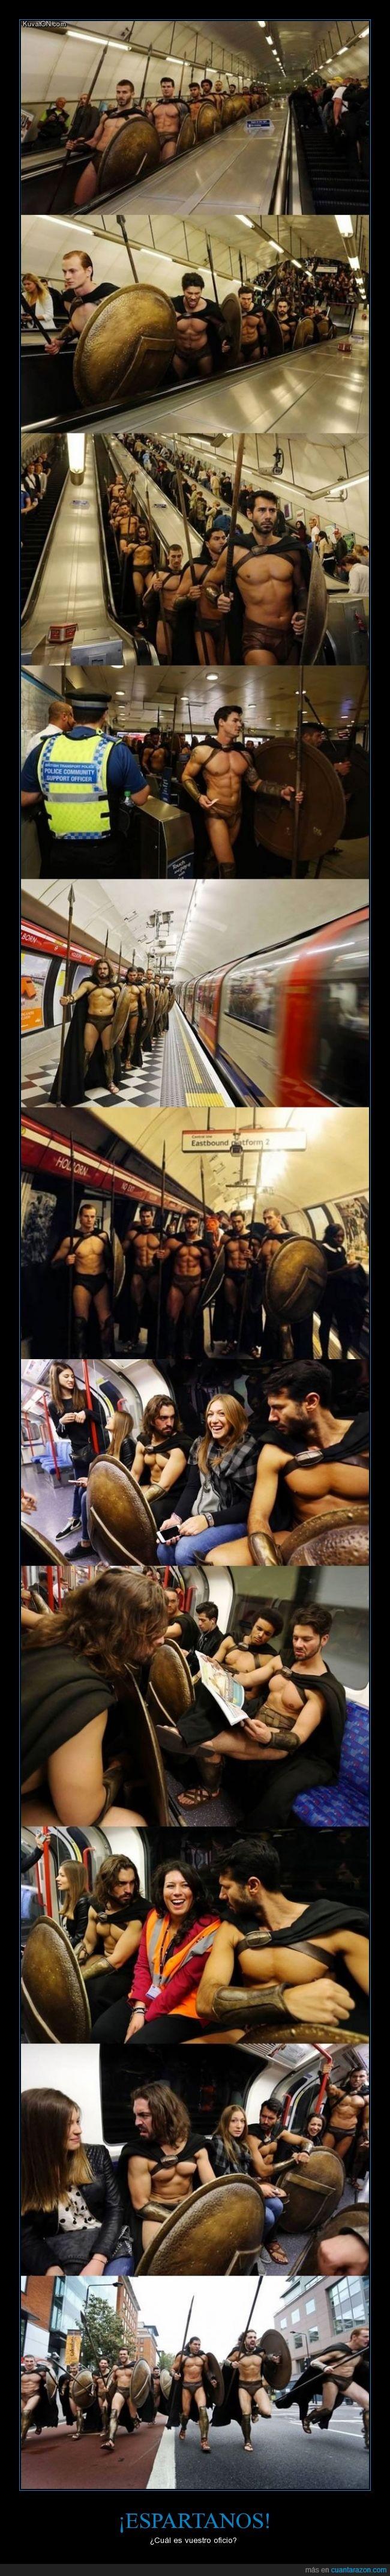 300,cosplay,disfraz,Esparta,espartanos,metro